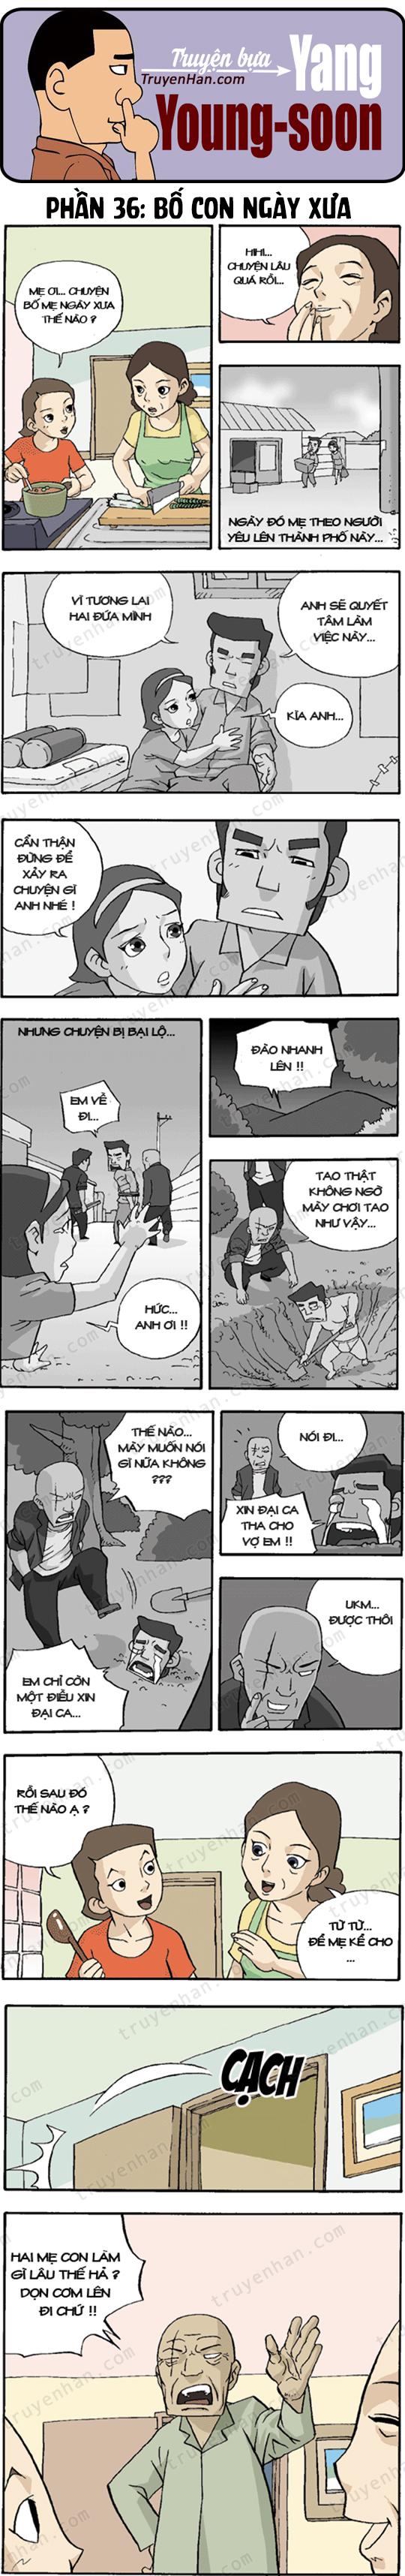 Yang Young-Soon phần 36: Bố con ngày xưa